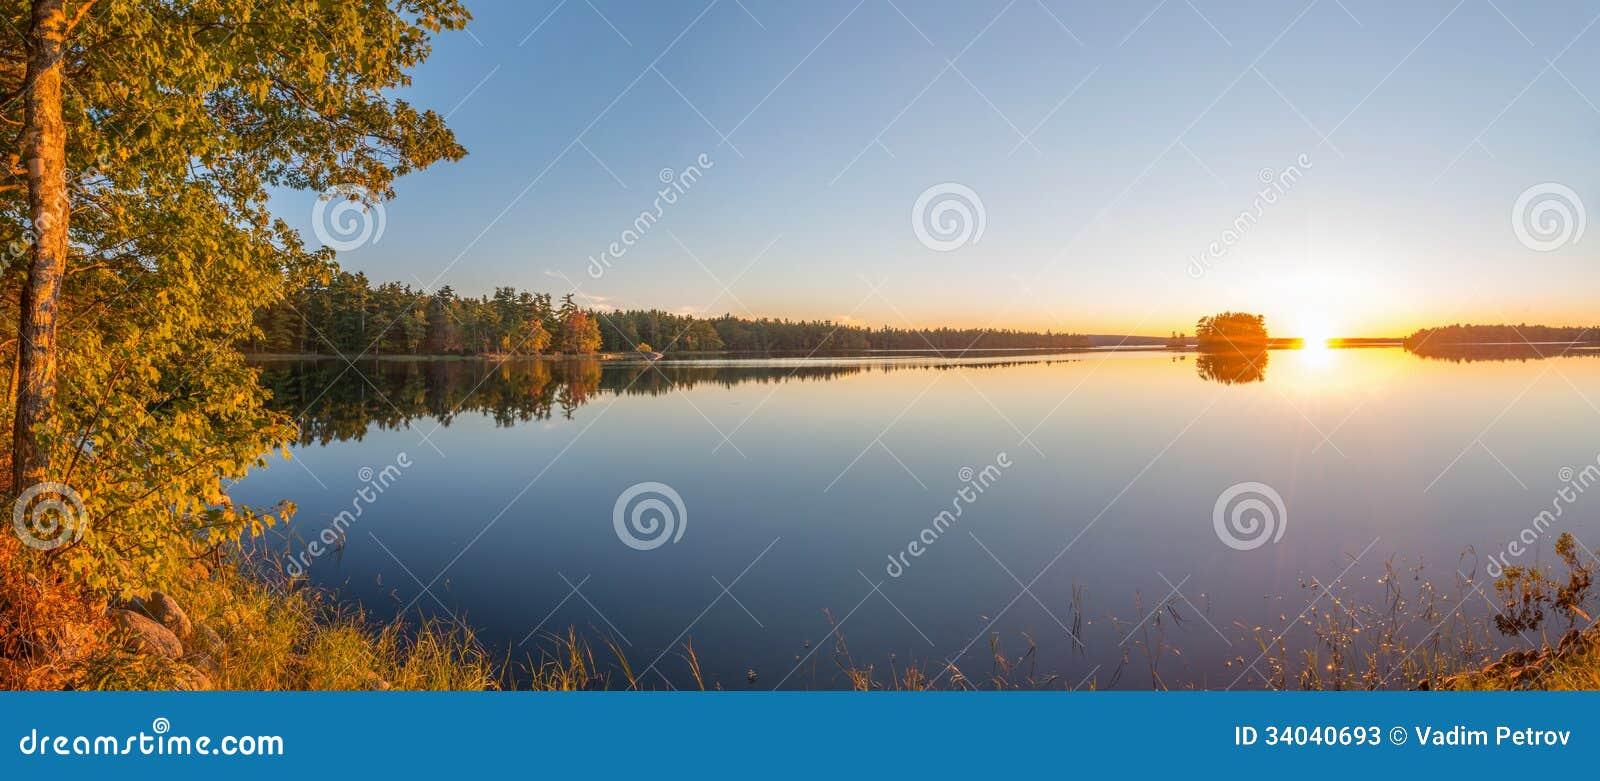 Panorama van een zonsondergang op een meer